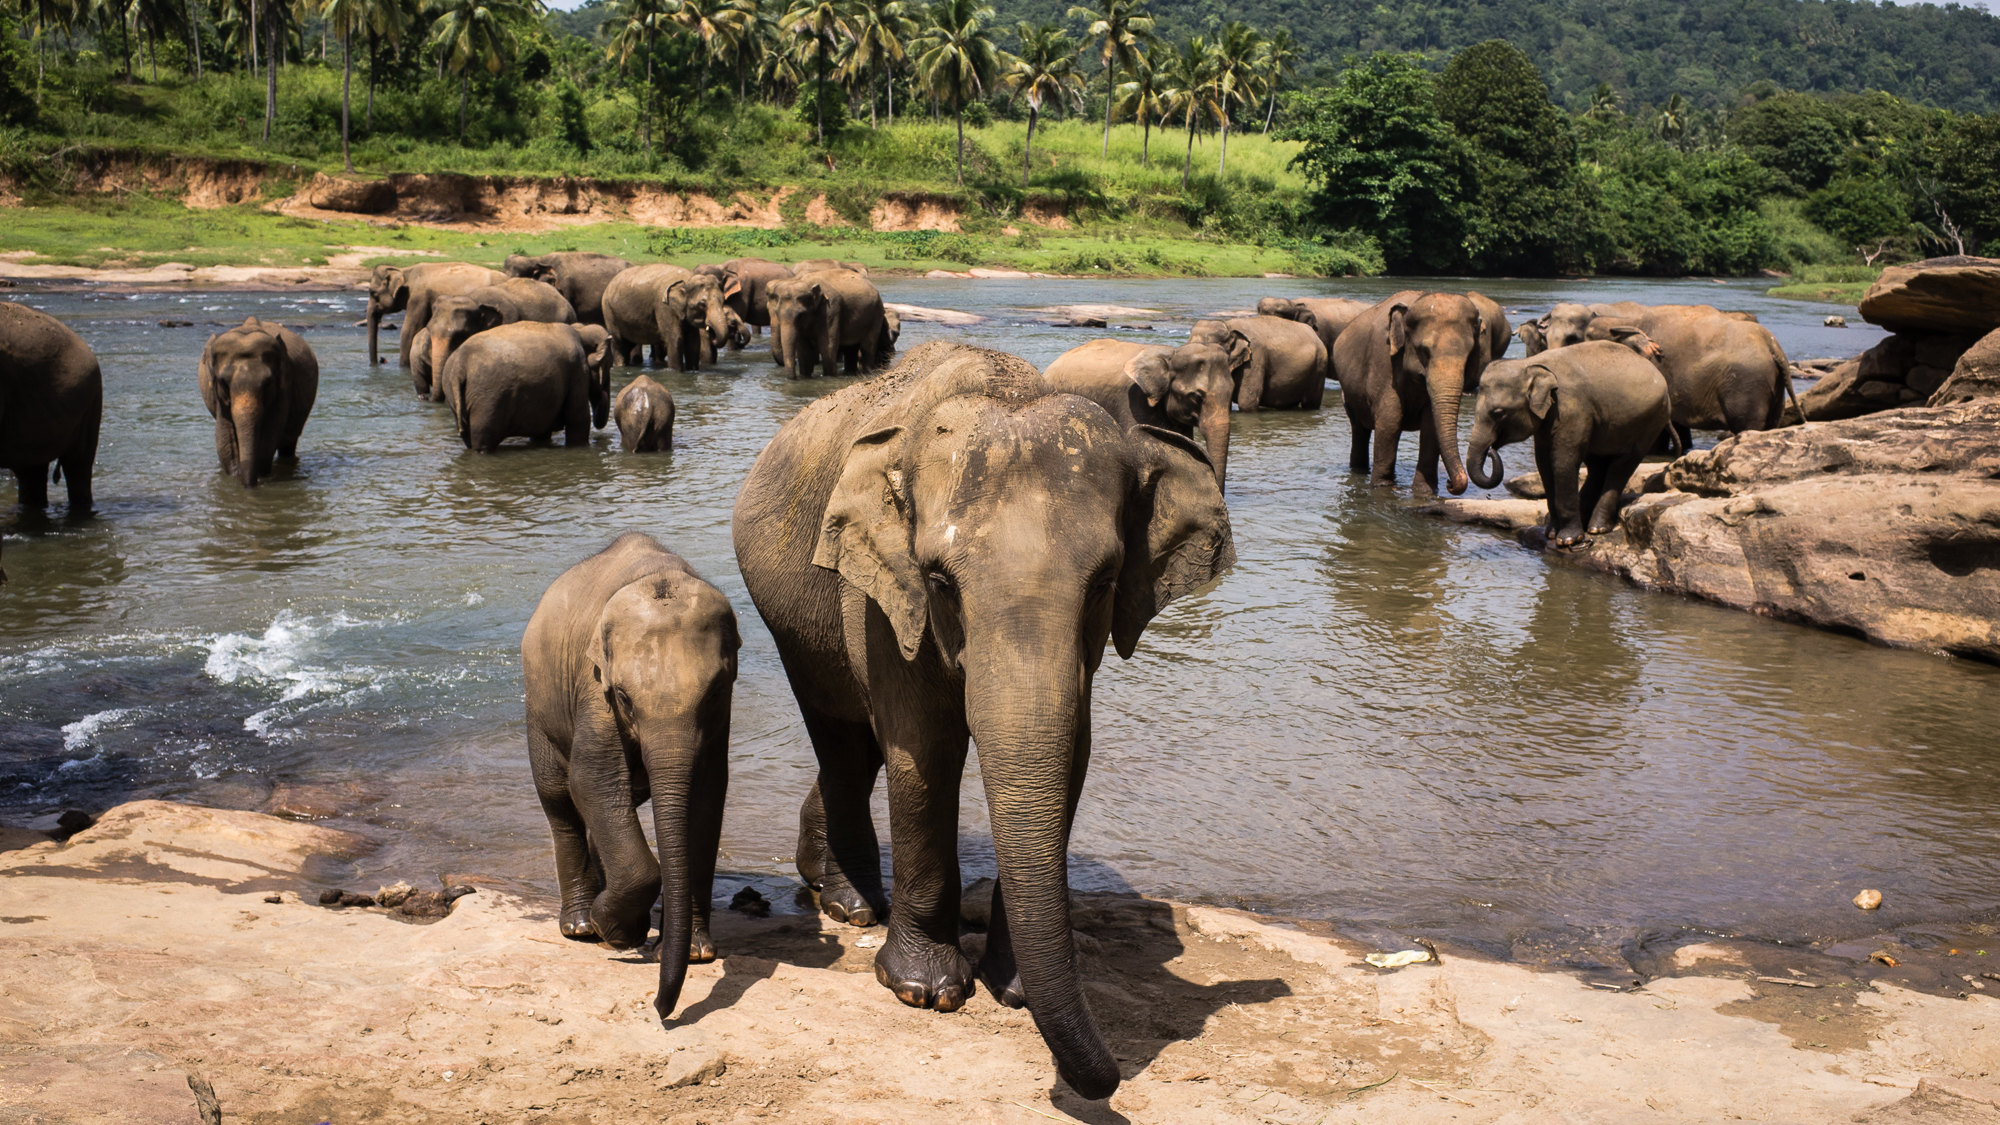 品纳维拉大象孤儿院  Pinnawela Elephant Orphanage   -0